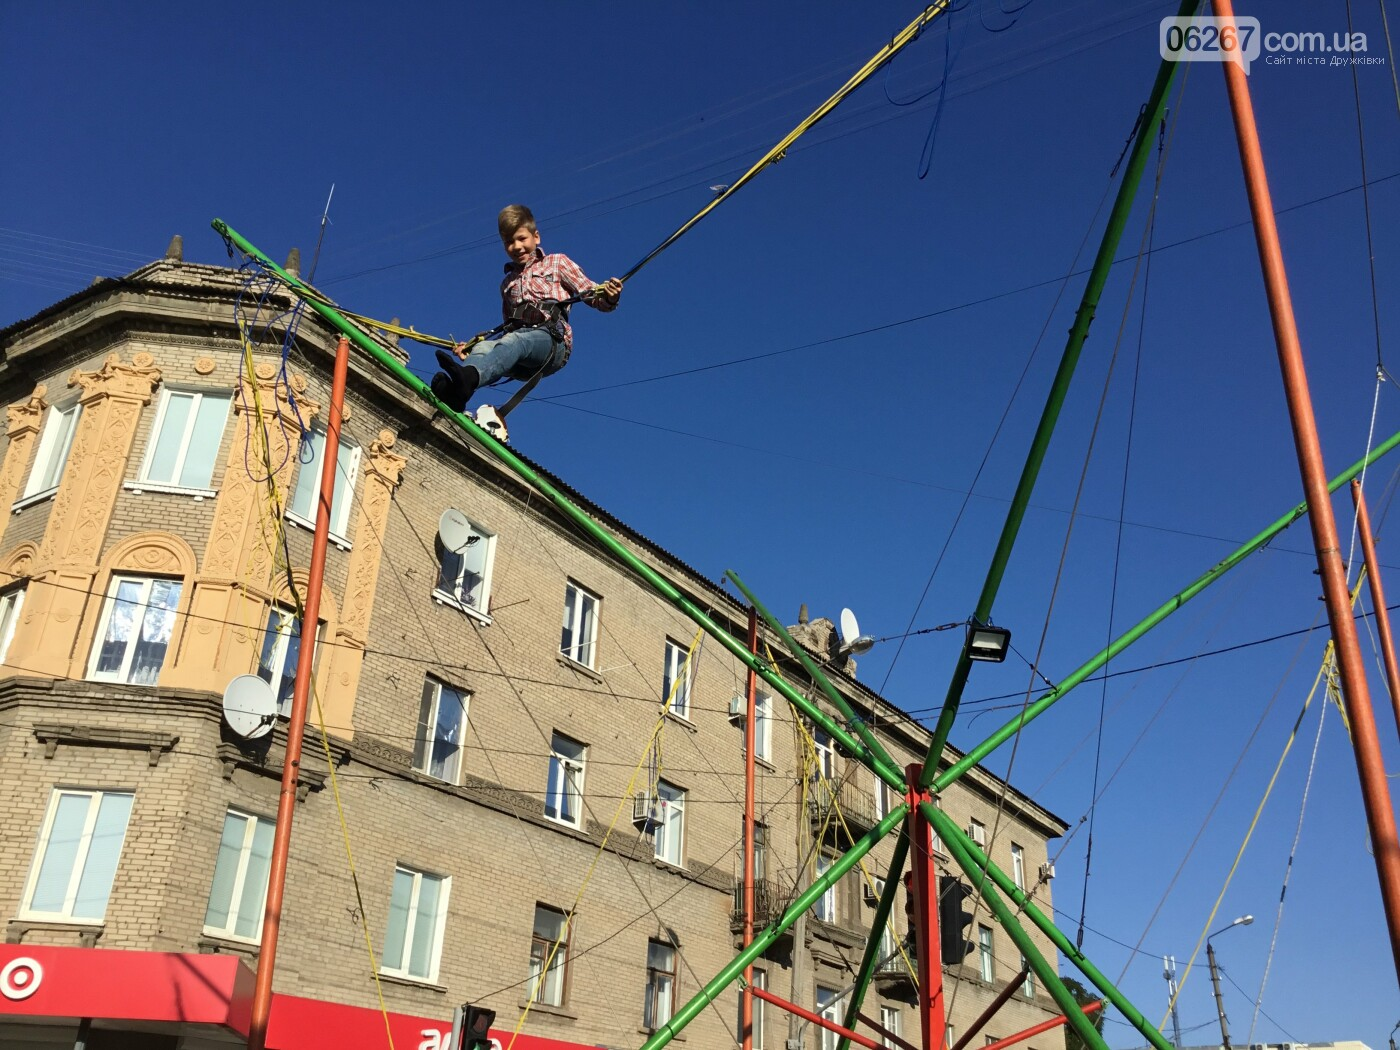 В Дружковке отпраздновали День города (ФОТО, ВИДЕО), фото-3